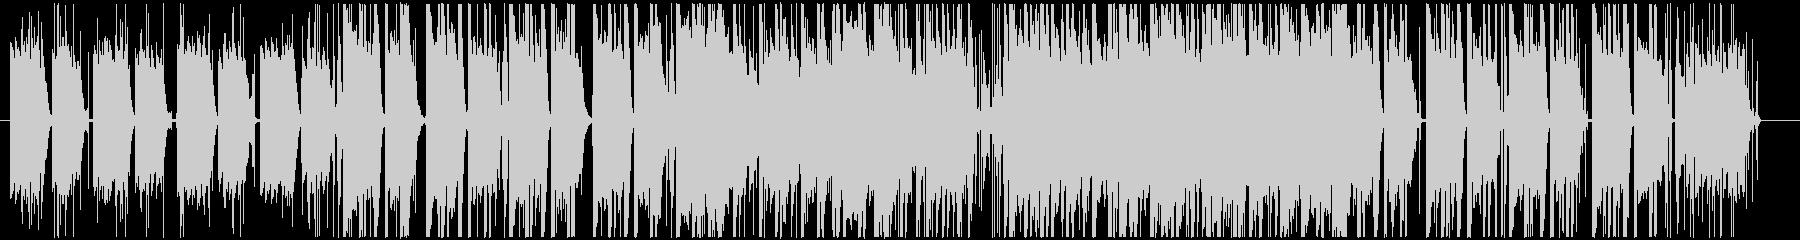 Lo-fiHipHop風なピアノ曲の未再生の波形